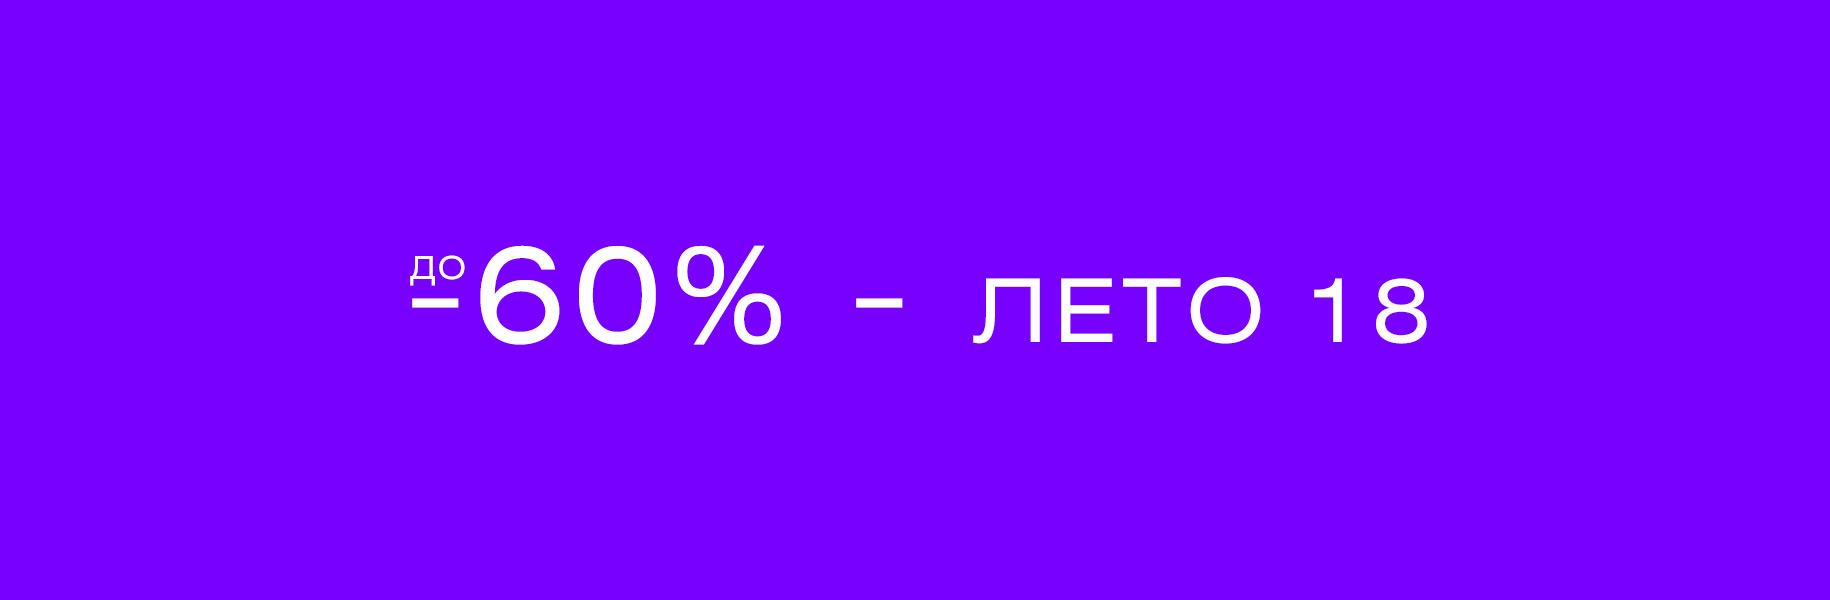 -60% Лето 18